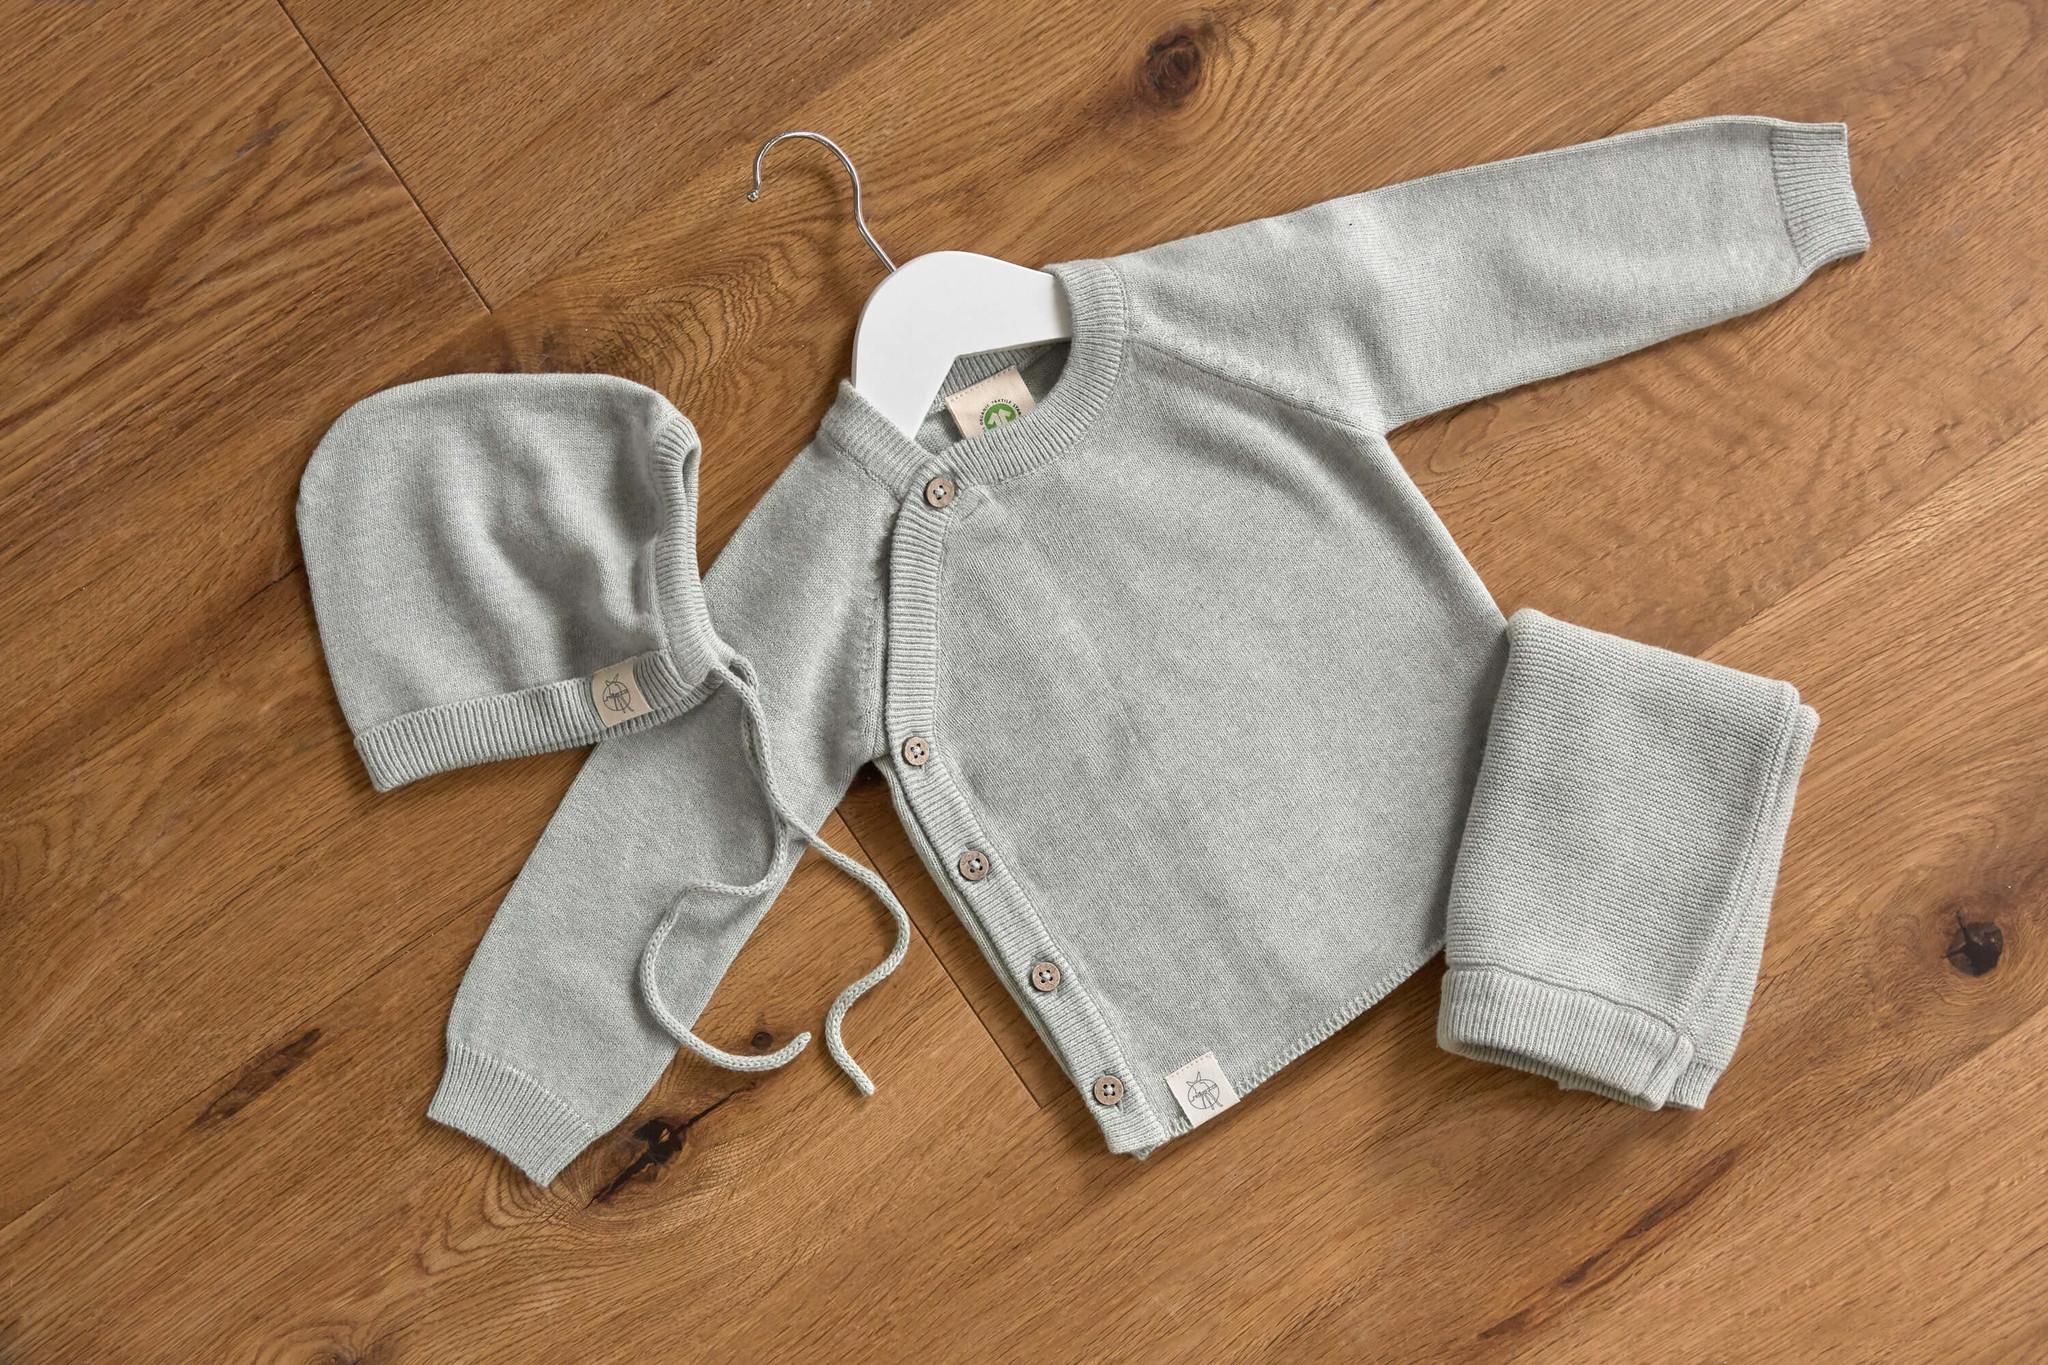 Lässig Lässig baby gebreide Kimono GOTS Garden Explorer grey 62-68 2-6 mnd